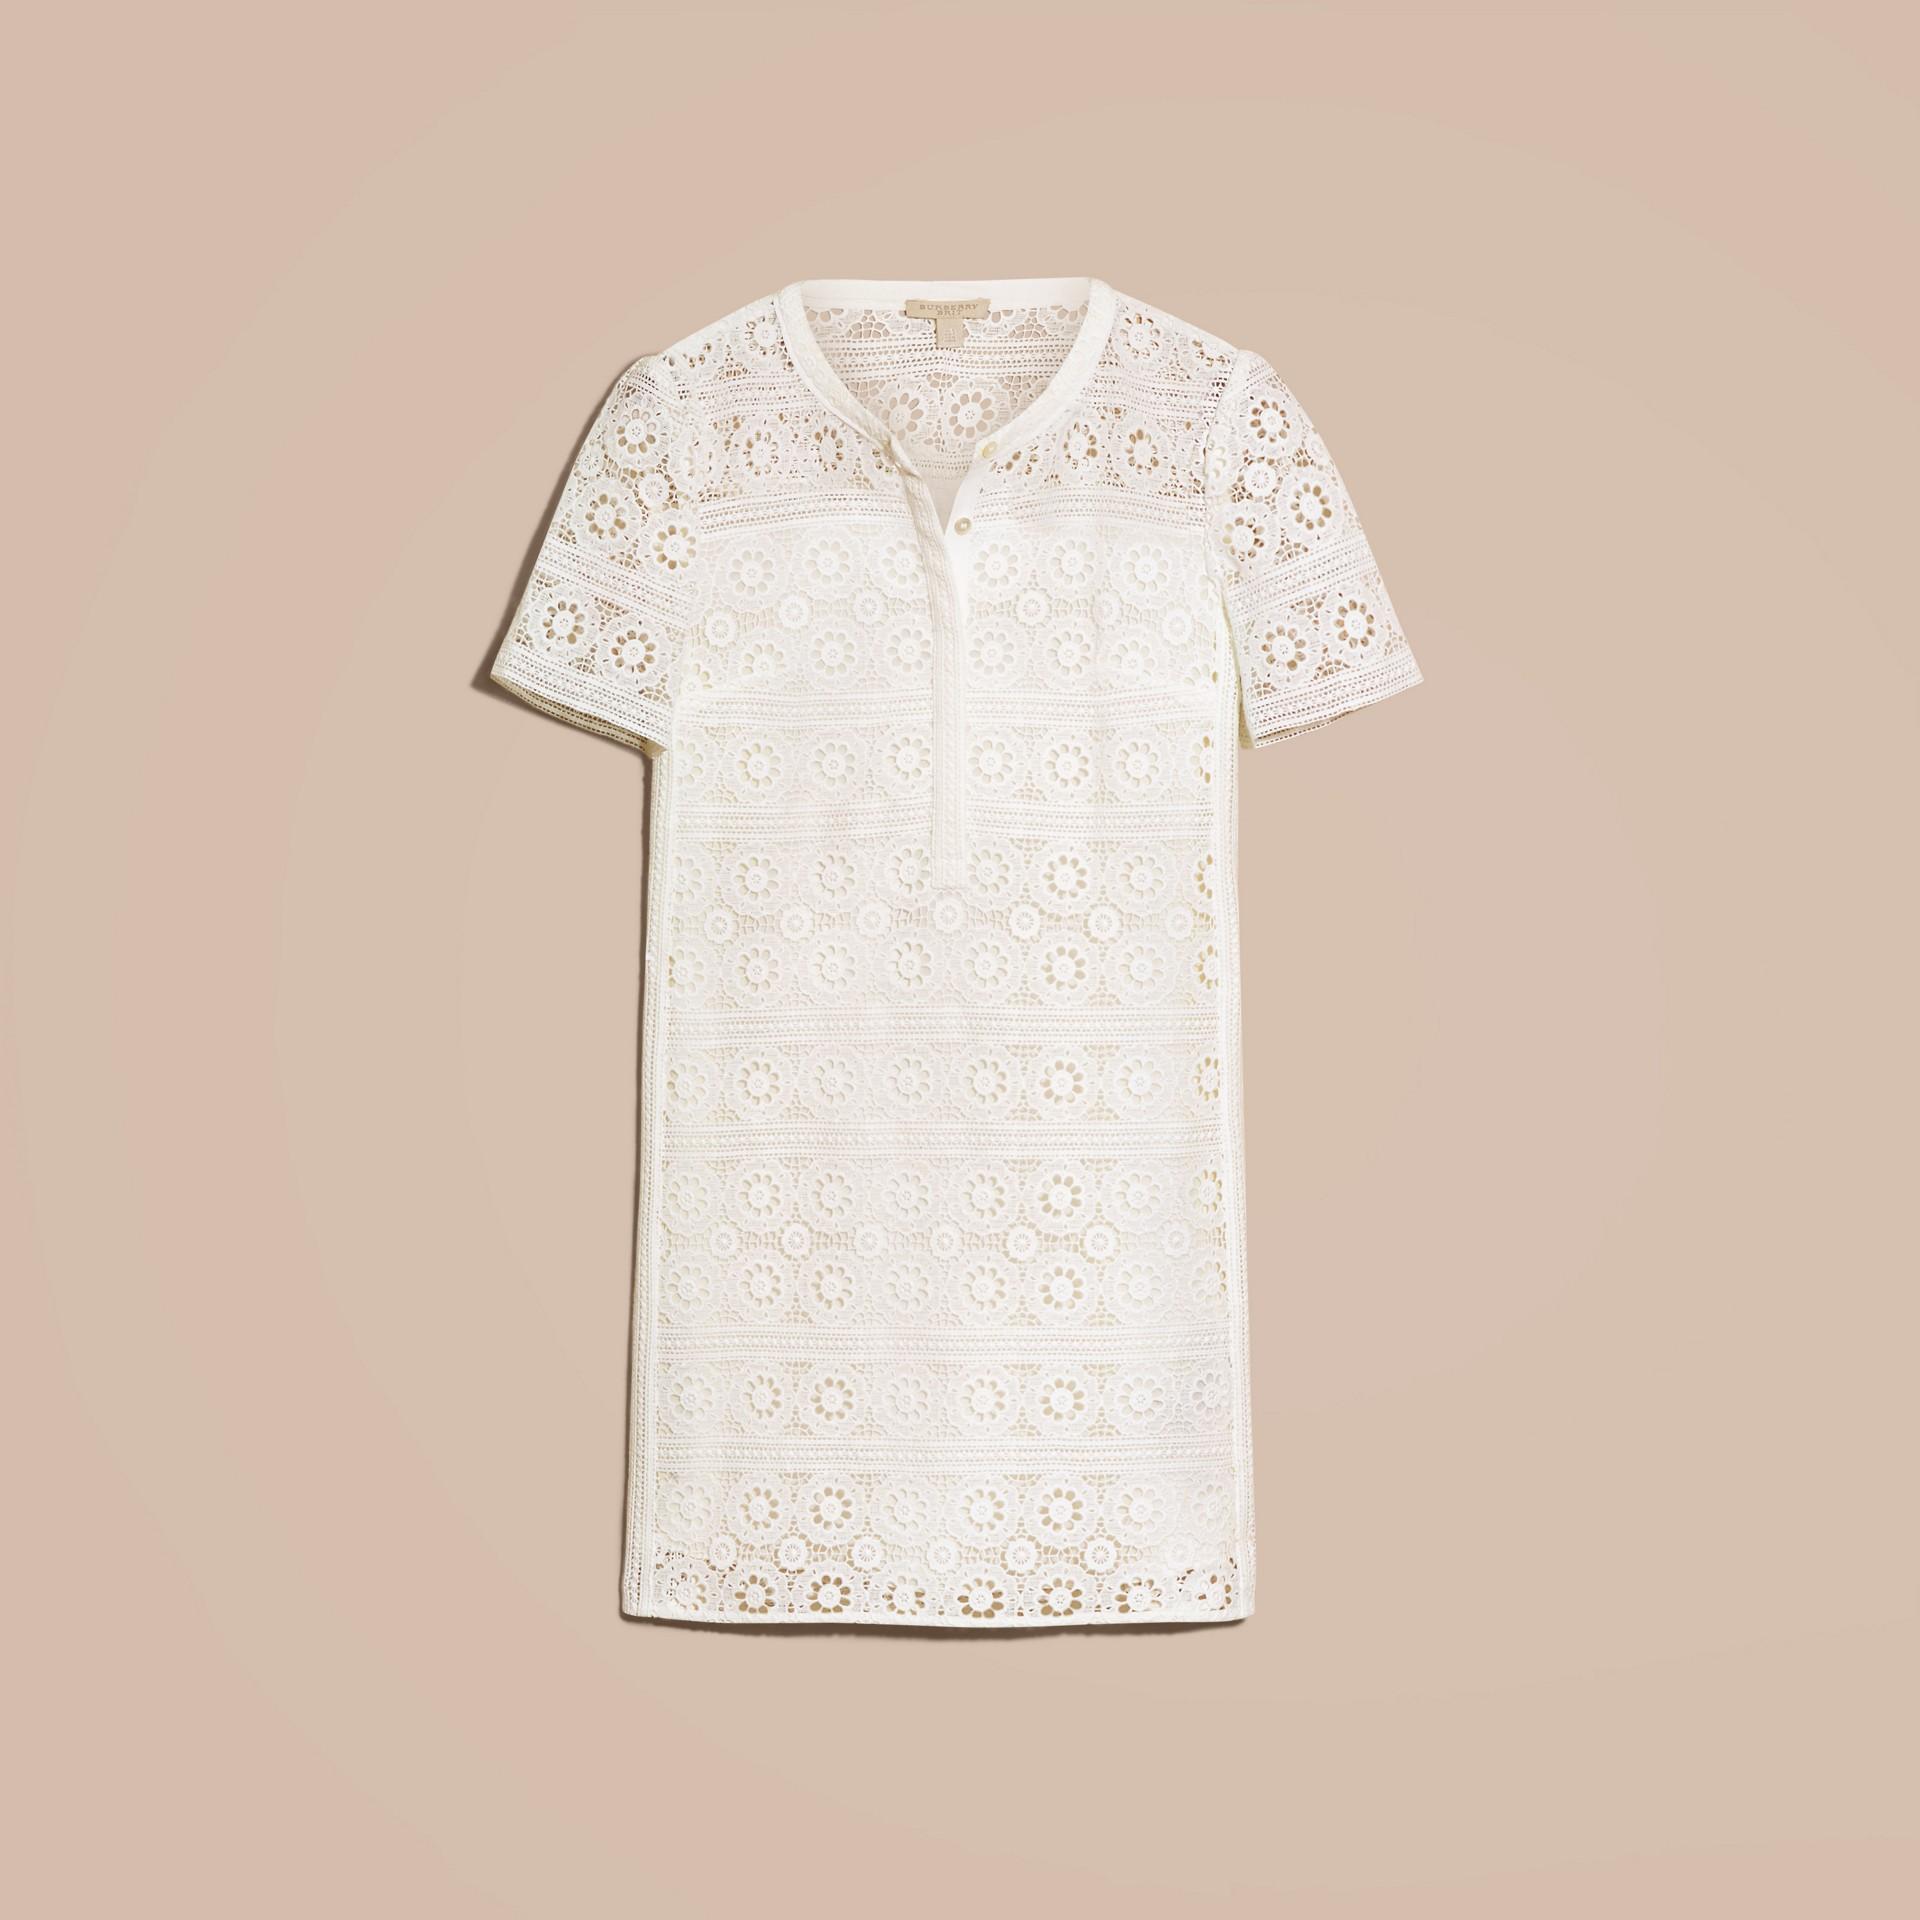 Branco natural Vestido camisa de renda de algodão - galeria de imagens 4